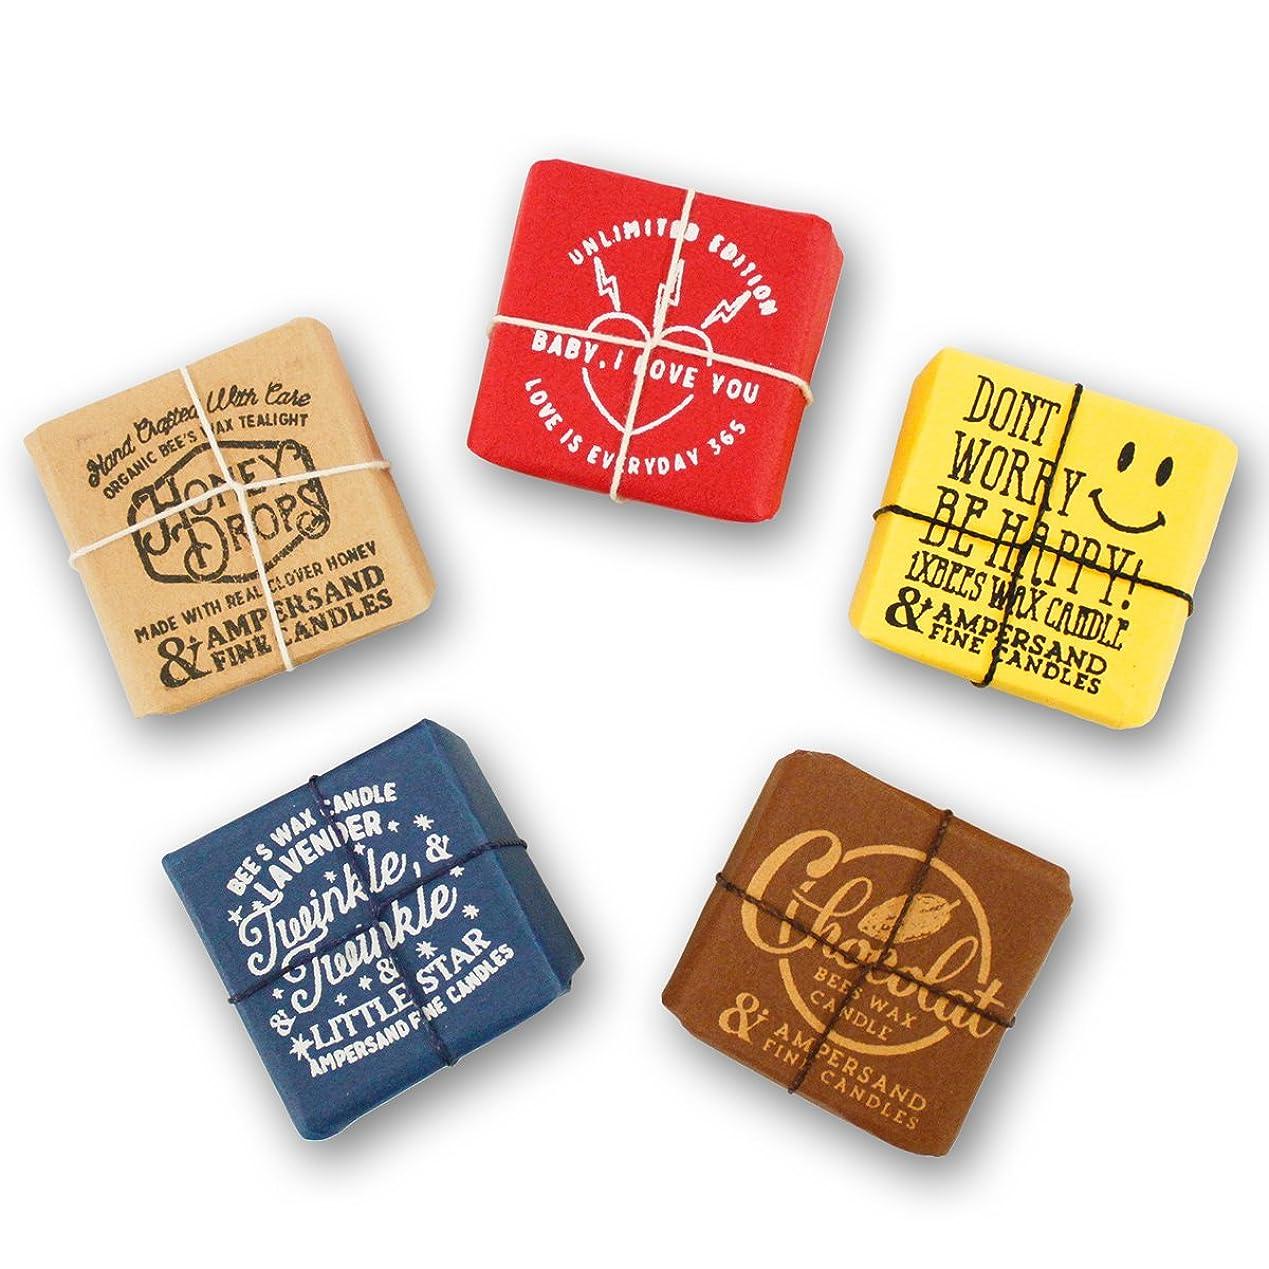 ポイント物思いにふける良心Ampersand Fine Candles(アンパサンド ファイン キャンドル)キャンドル ルームフレグランス ASingle Bees [ 5type ] アロマ ギフト オーガニック OS,Chocolate